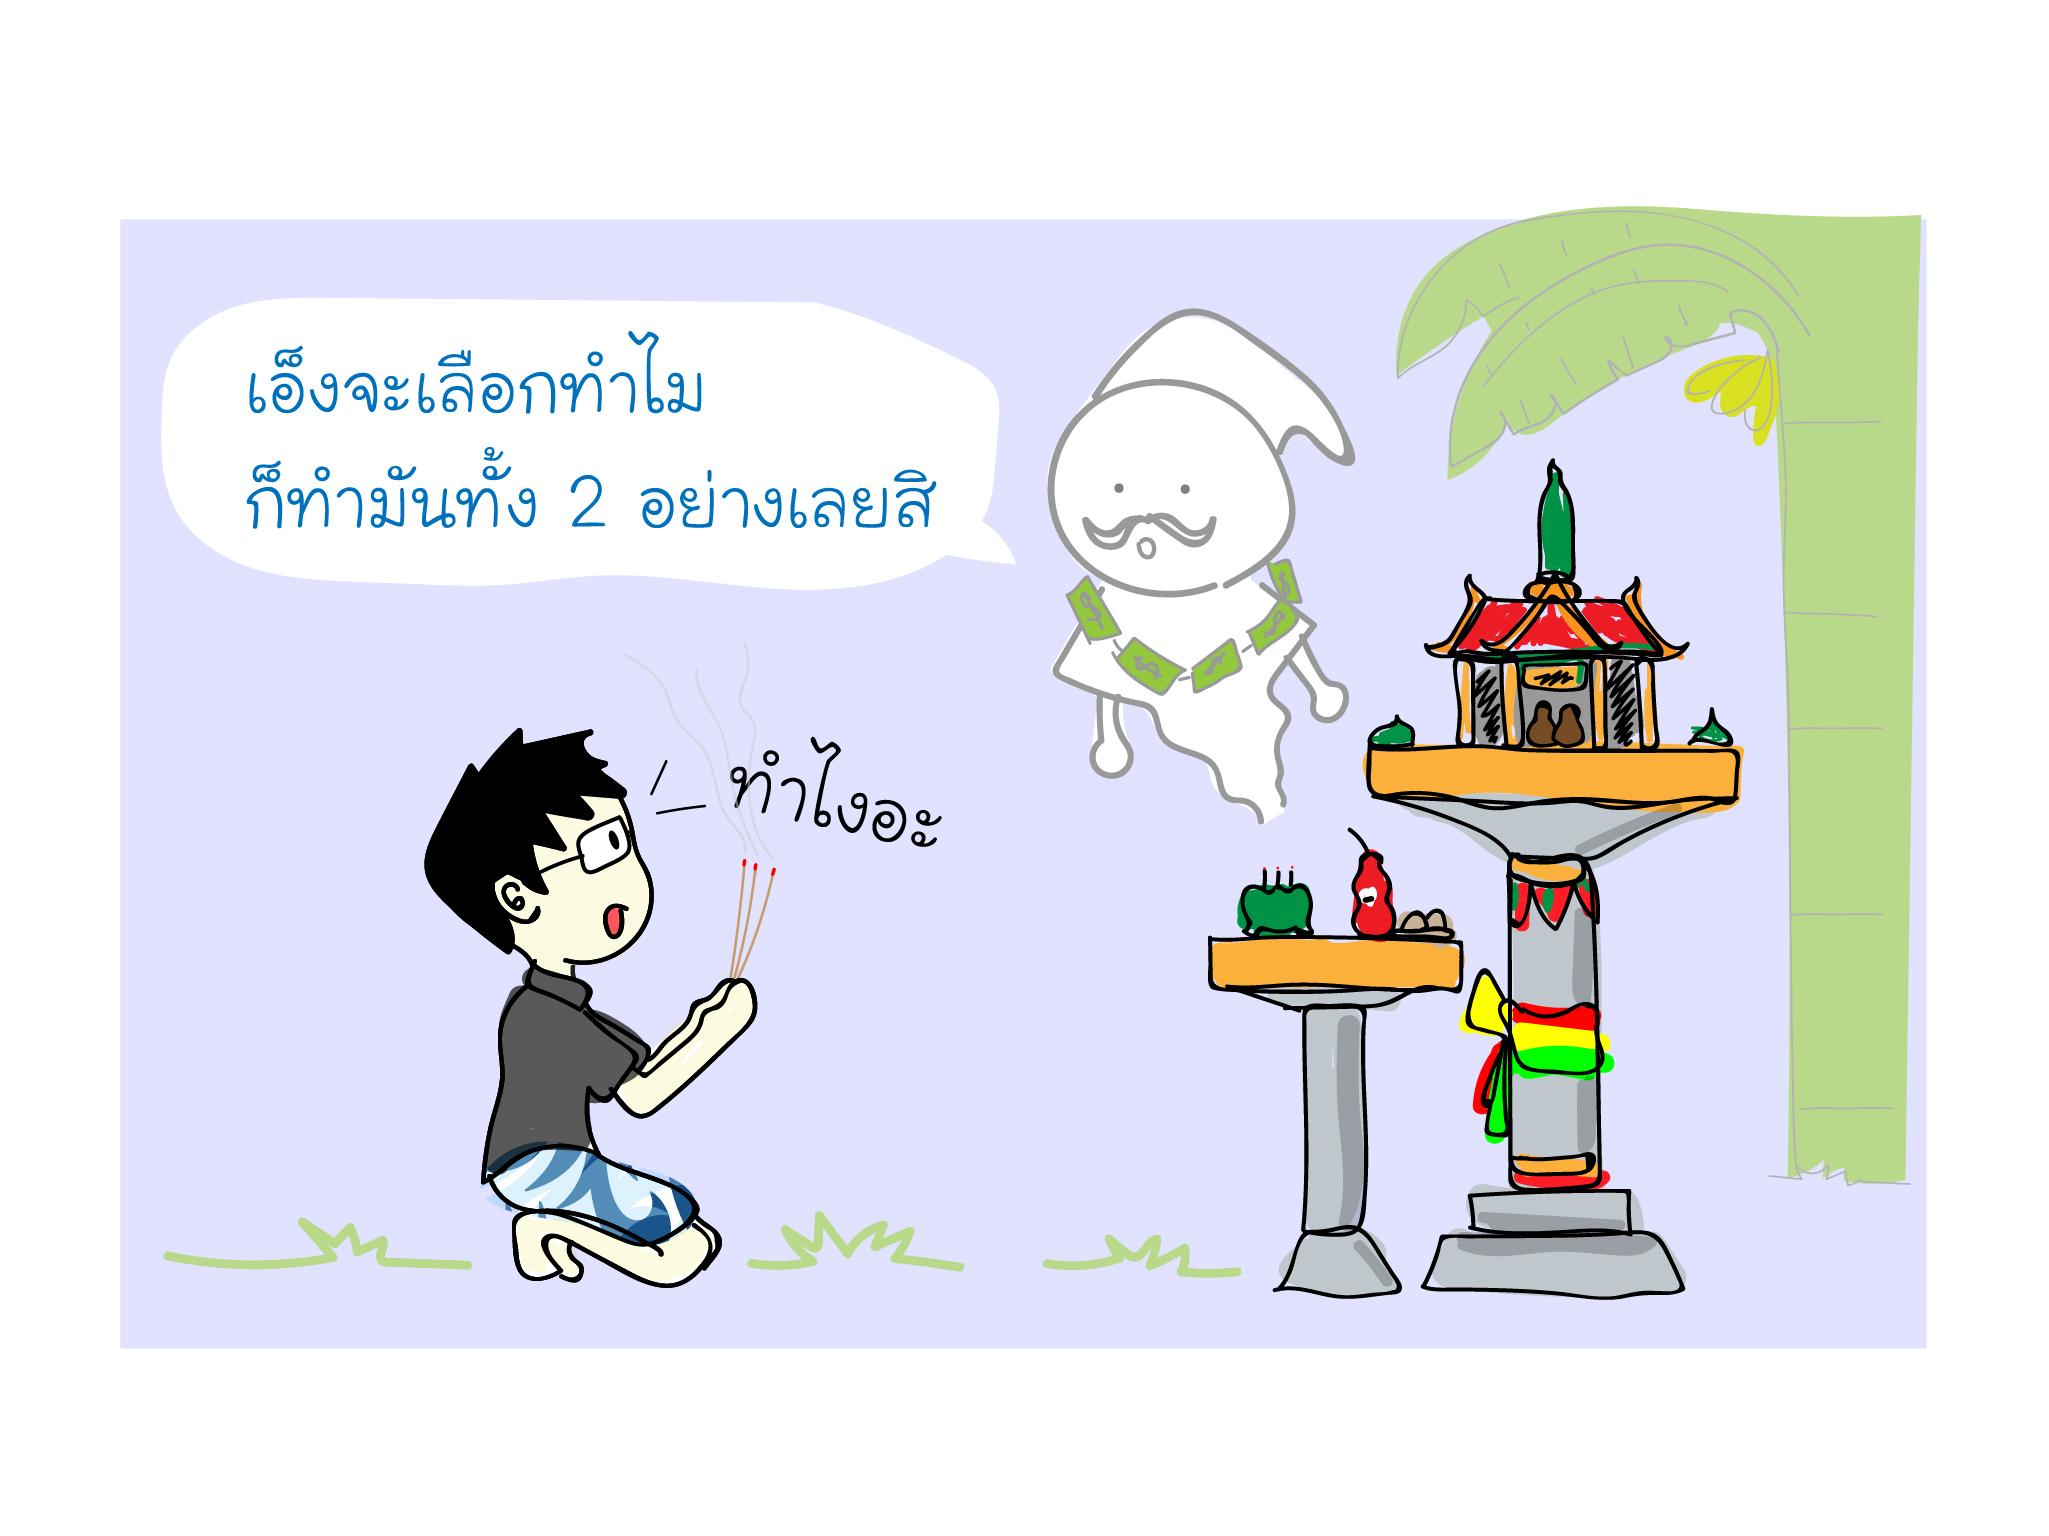 ศาลเจ้าพ่อลงทุน - CG Fund_Artboard 1 copy 2